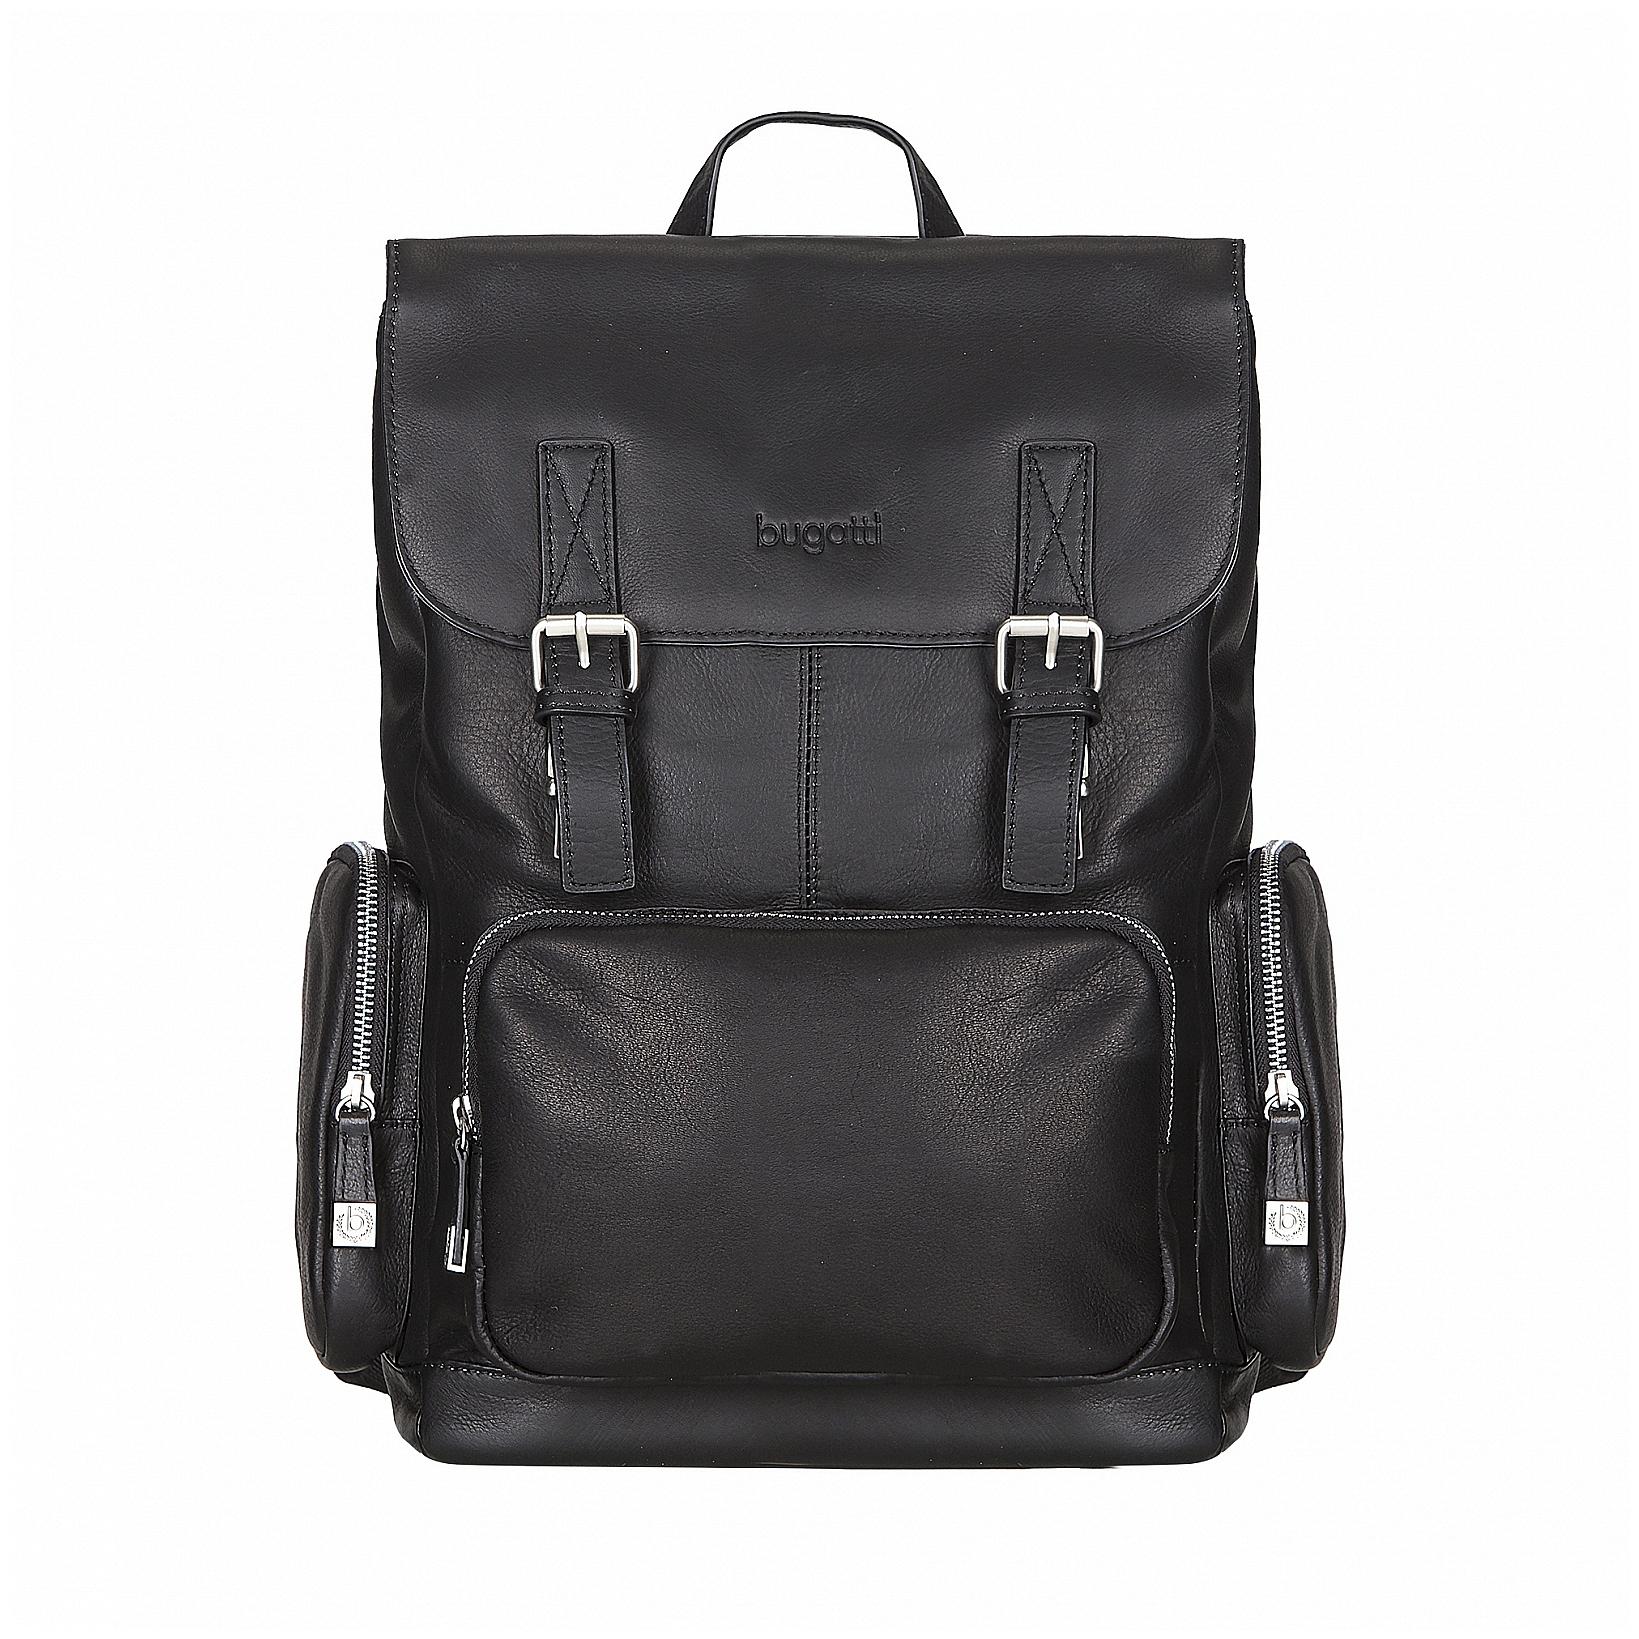 Bugatti Stylový kožený batoh na notebook Sartoria 49546301 černý